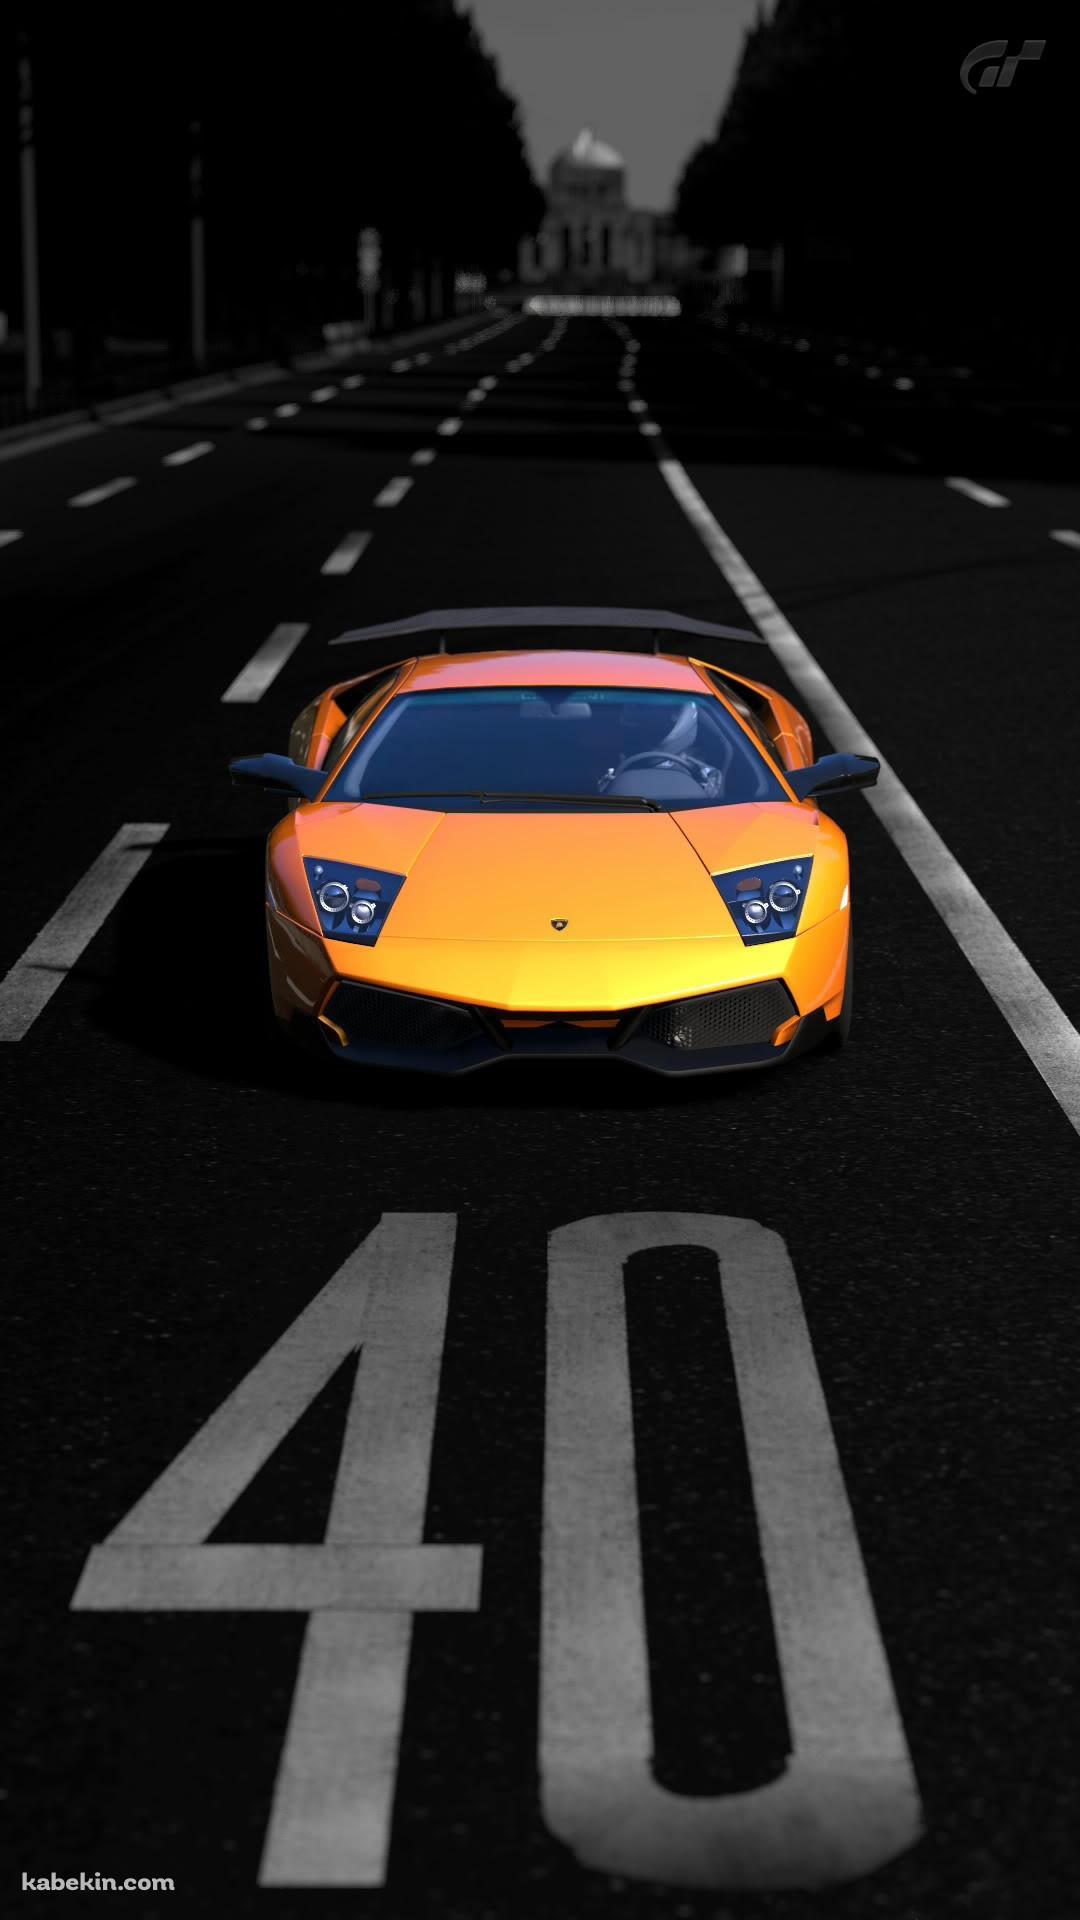 かっこいい黄色いスポーツカーのandroid壁紙 1080 X 1920 壁紙